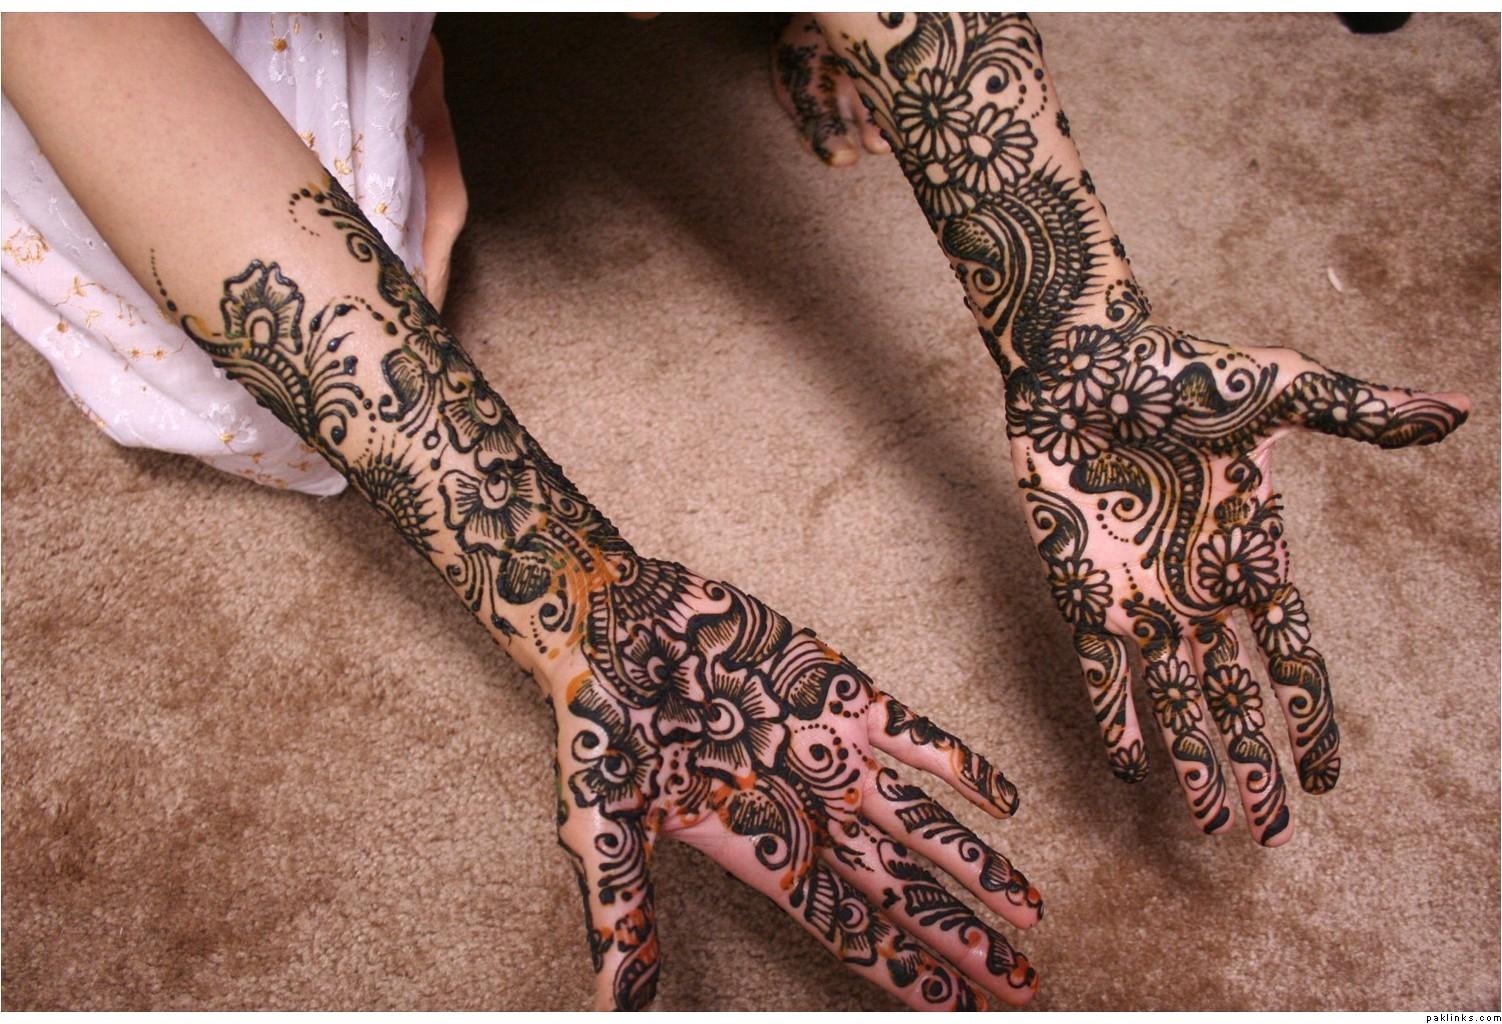 Indian Mehndi Designs for Full Hands 2013 | Mehndi Desings ...